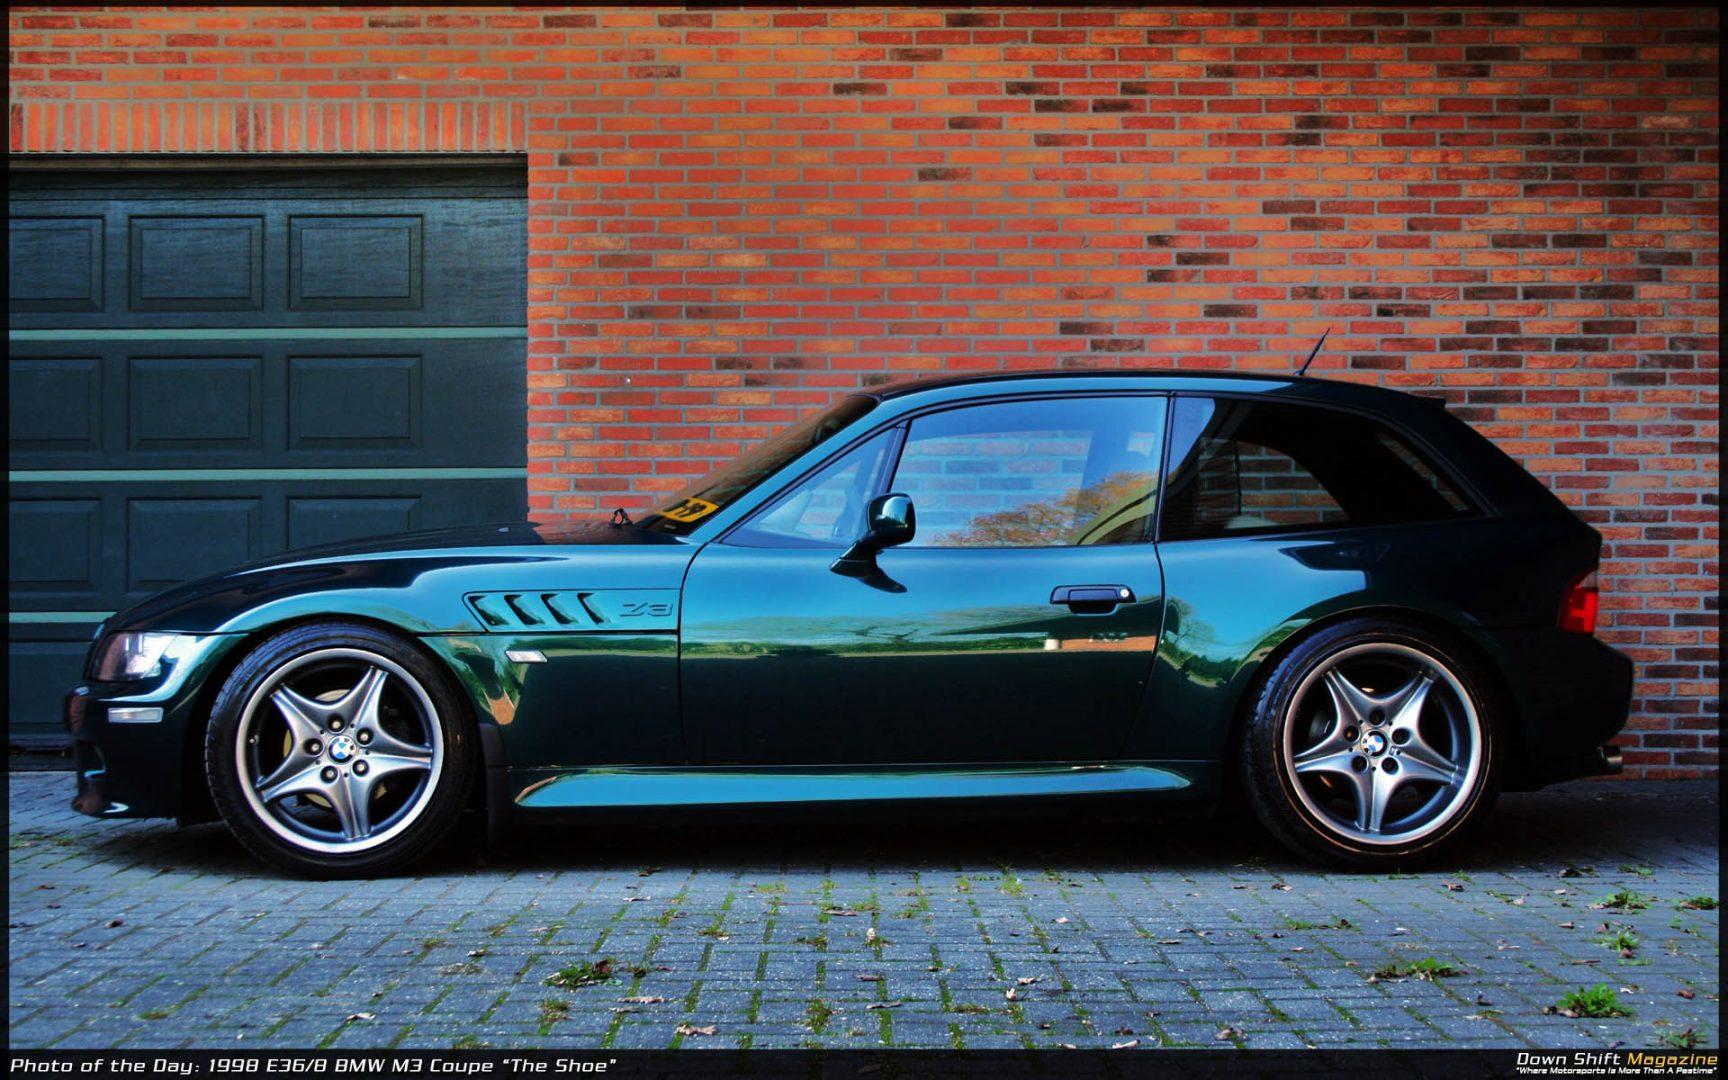 1998 E36/8 BMW M3 Coupé